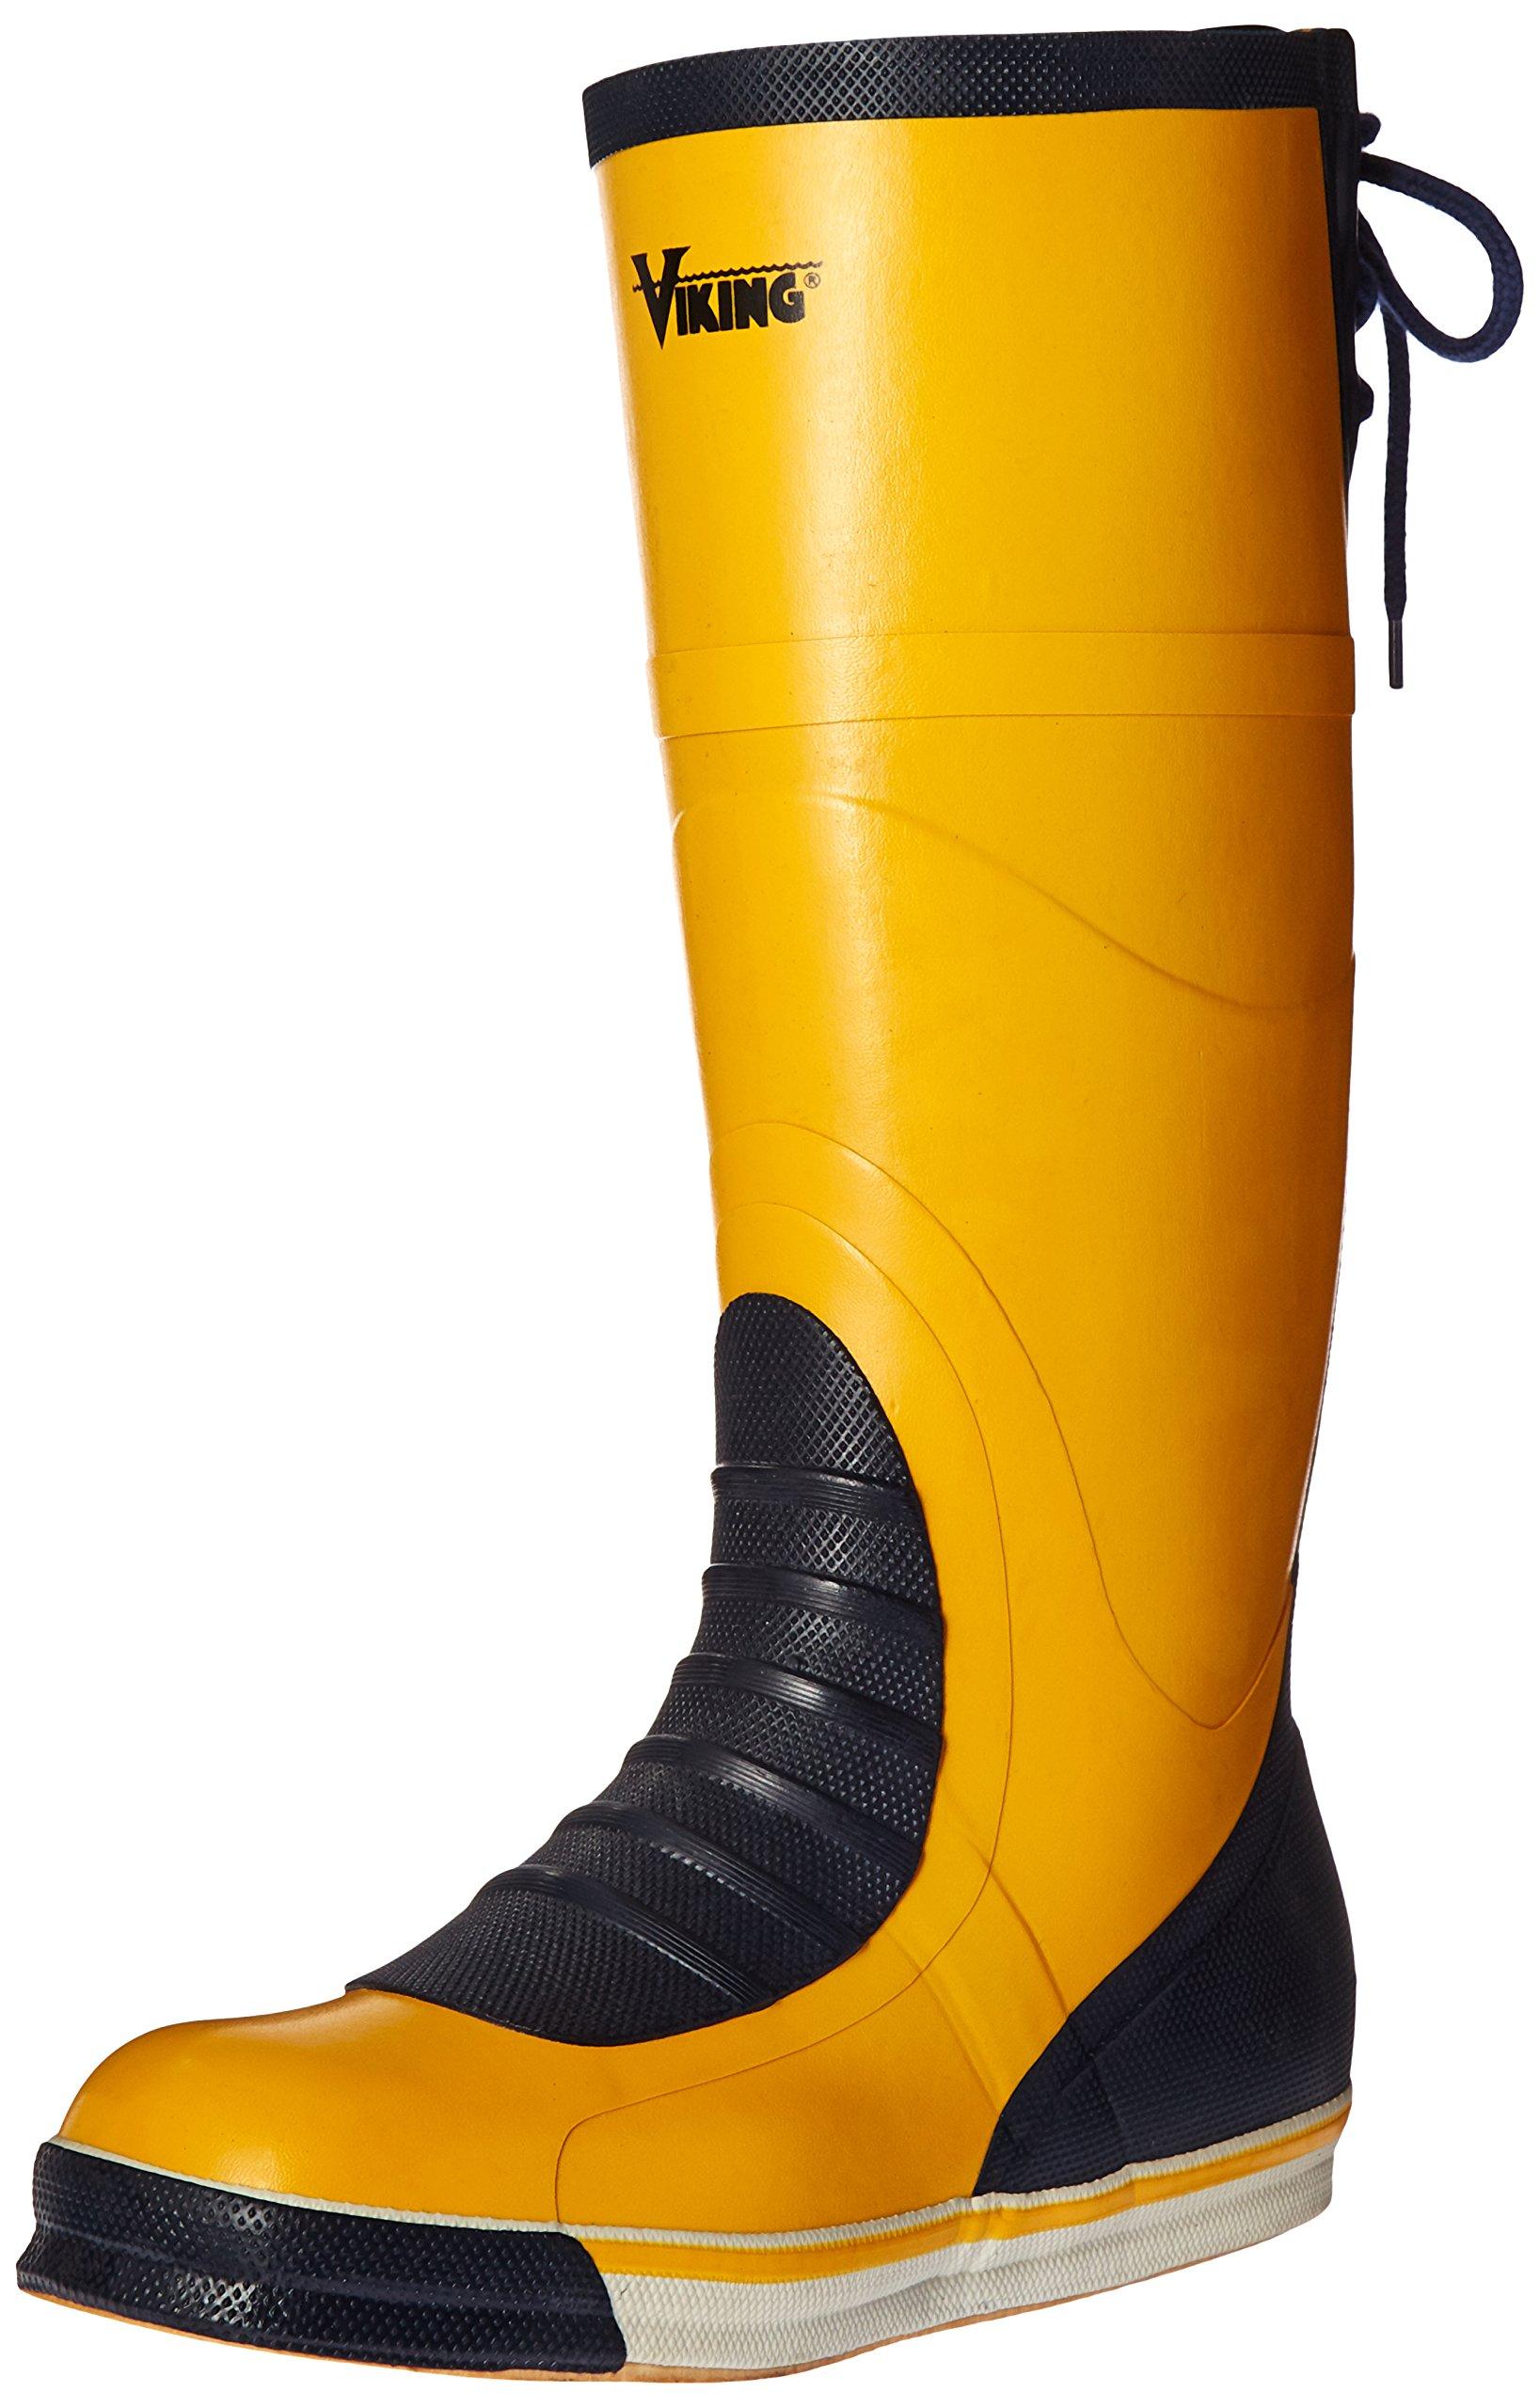 Viking Footwear Mariner Waterproof Slip-Resistant Boot, Yellow/Navy, 7 M US